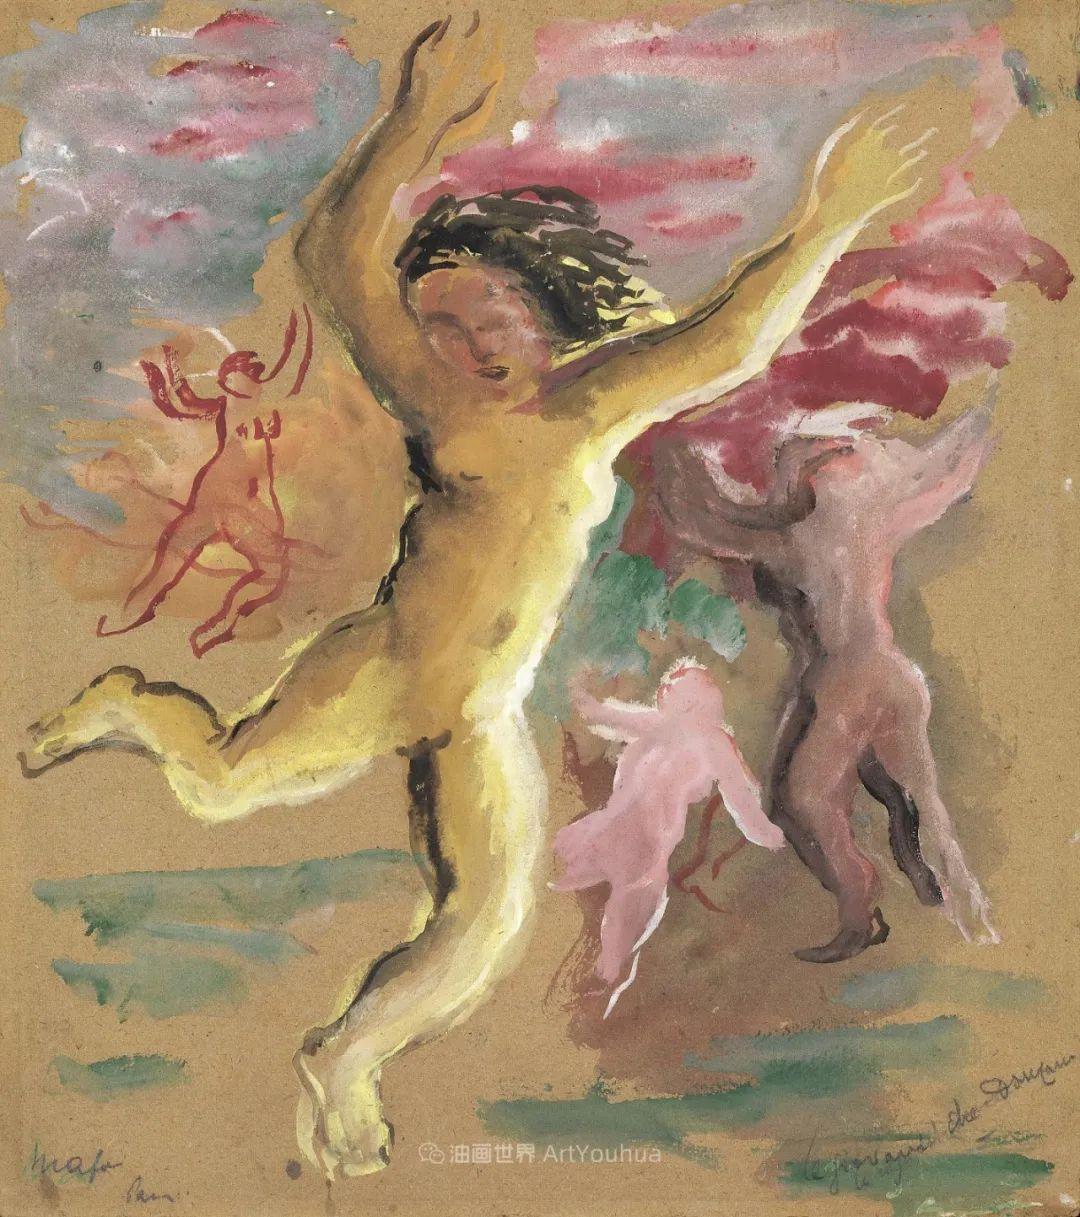 现代艺术运动,意大利画家马里奥·马菲插图17